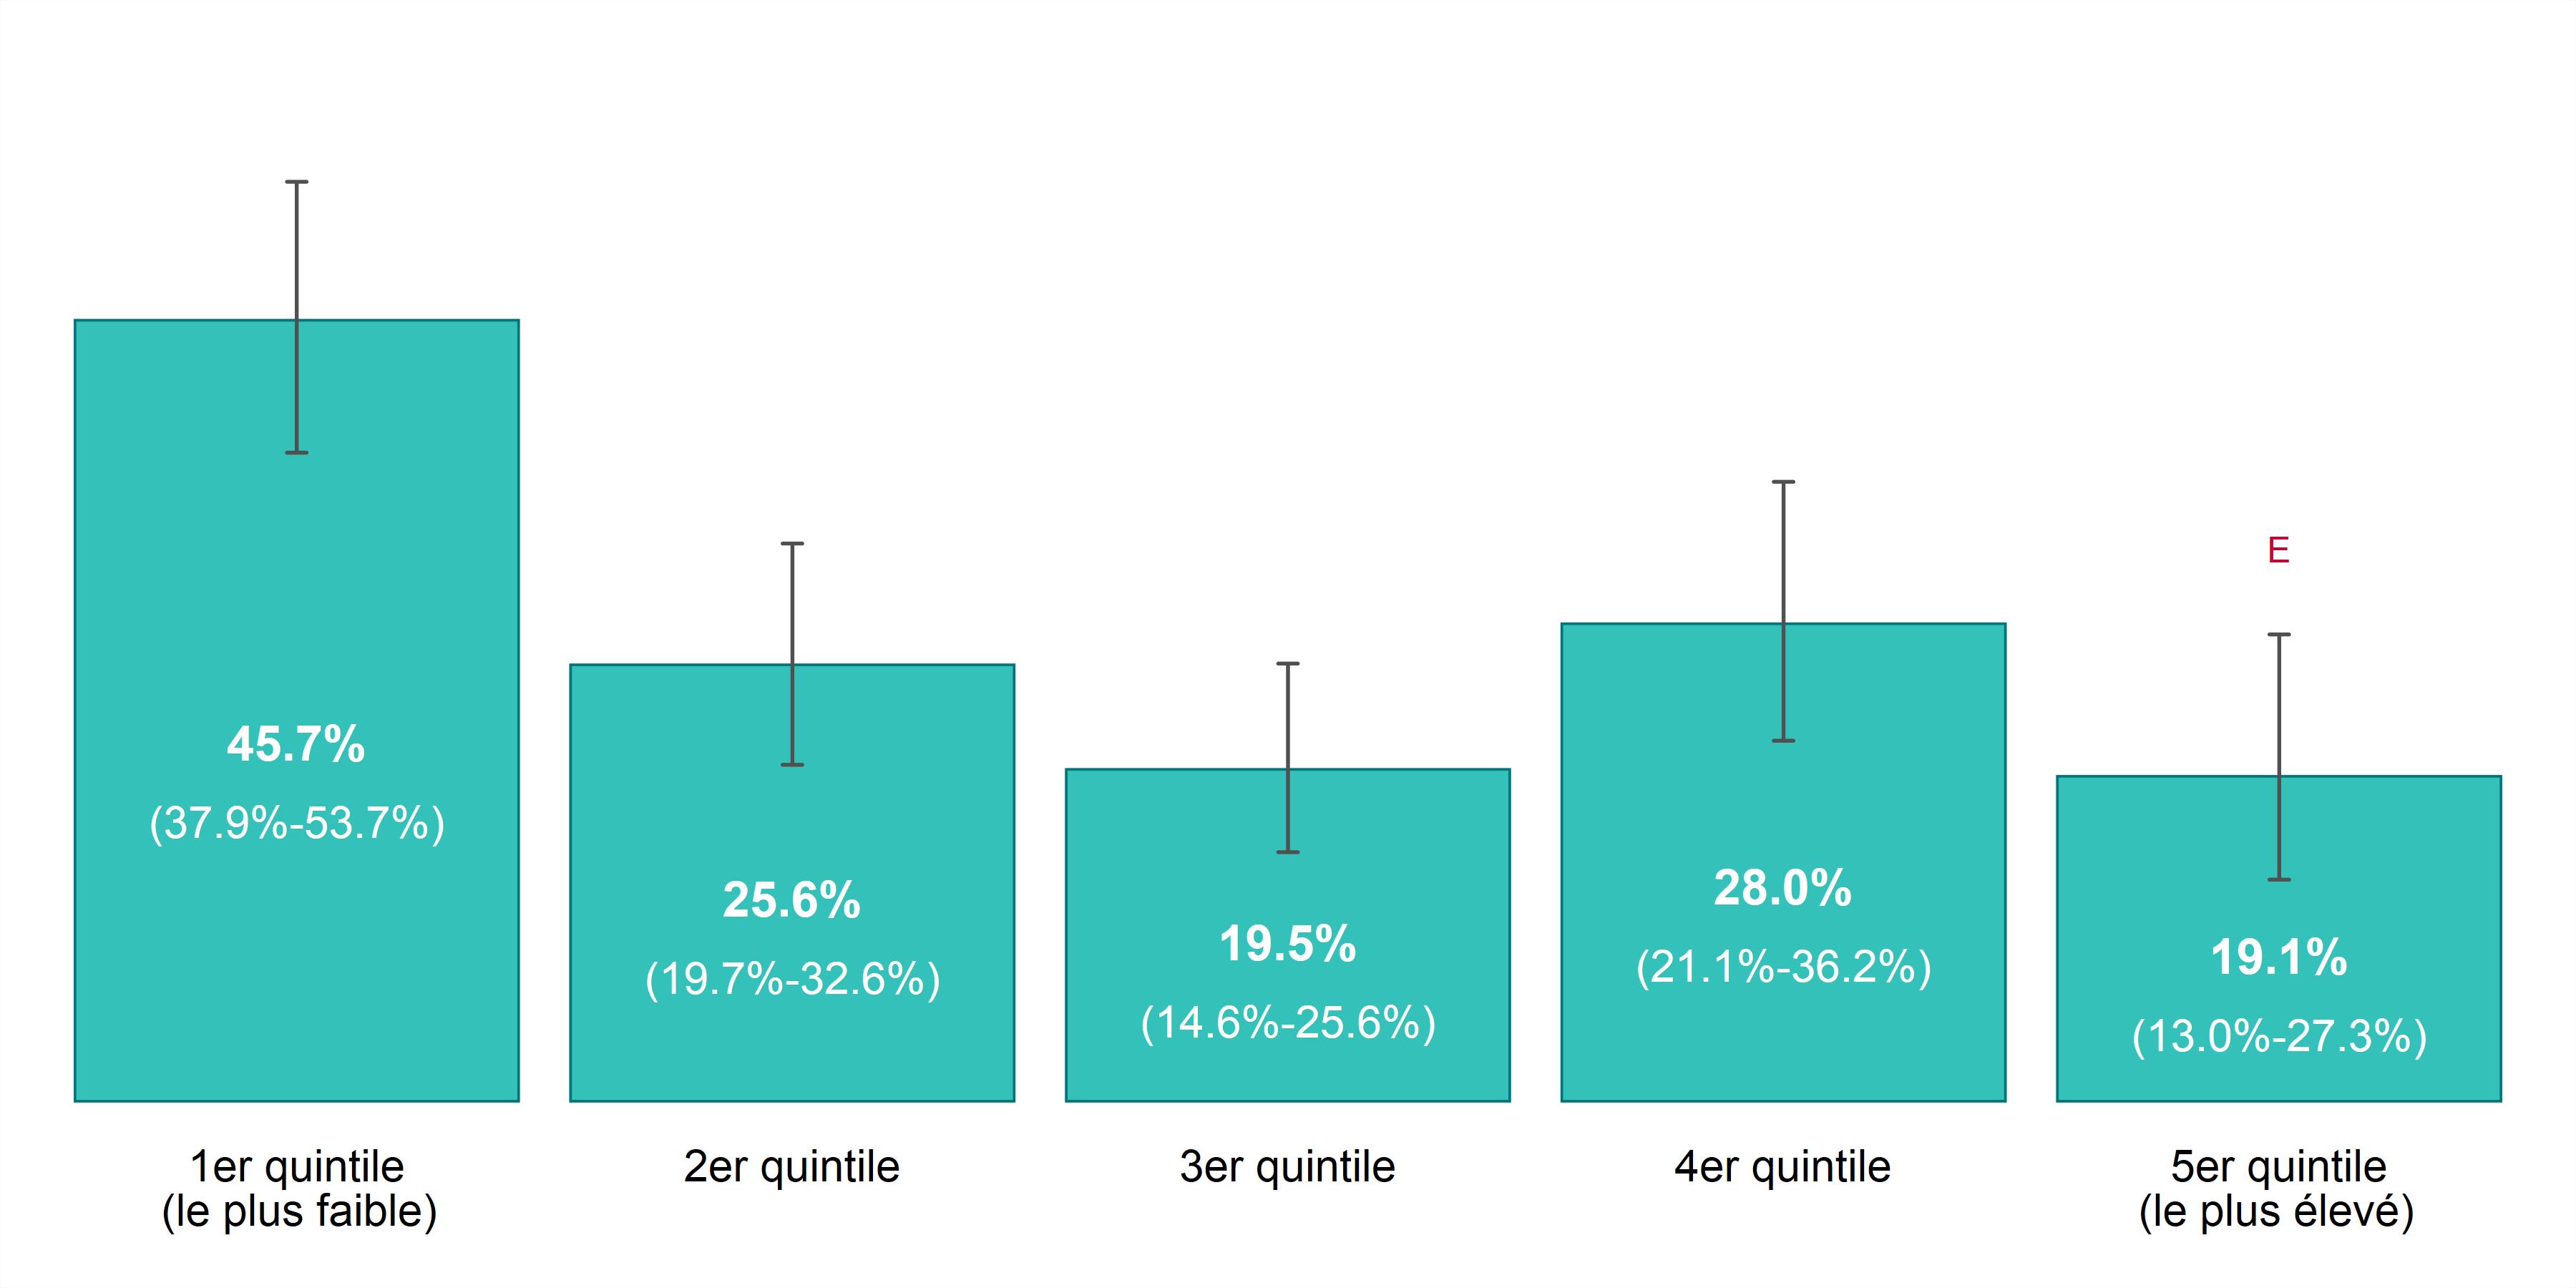 Ce graphique à barres illustre le taux de prévalence pour le tabagisme, selon l'année et le revenu du ménage, chez les 20 ans ou plus, dans Sudbury et districts, de 2011 à 2014. Les données pour ce graphique se trouvent dans le tableau ci-dessous.